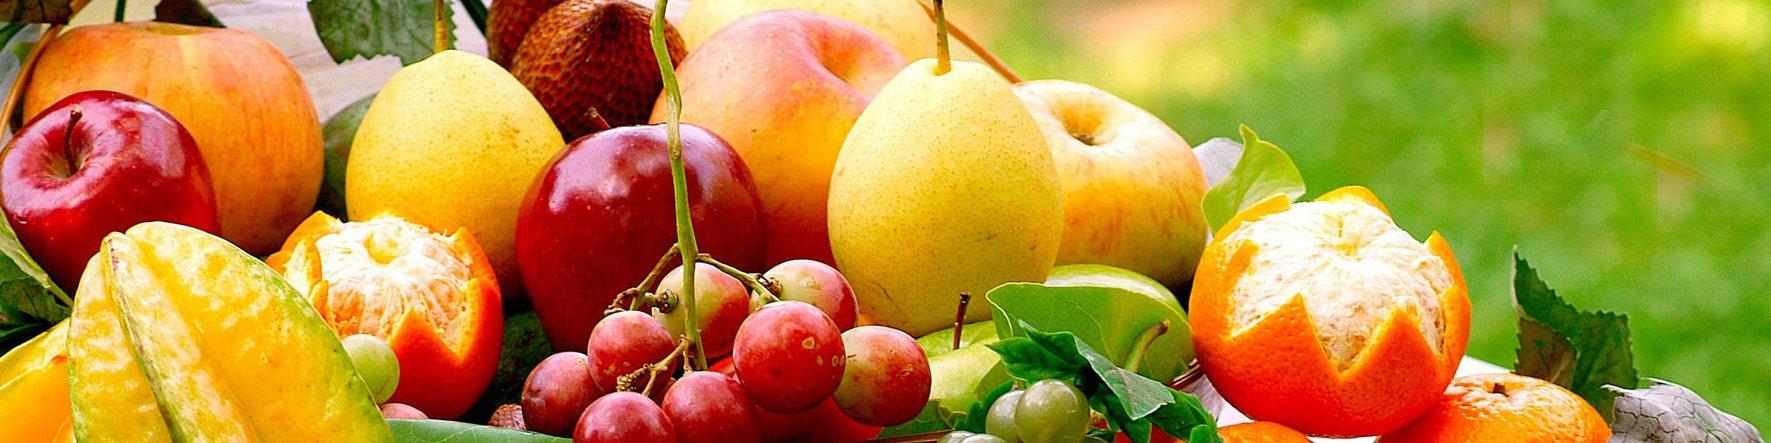 Fruit-Freshfg